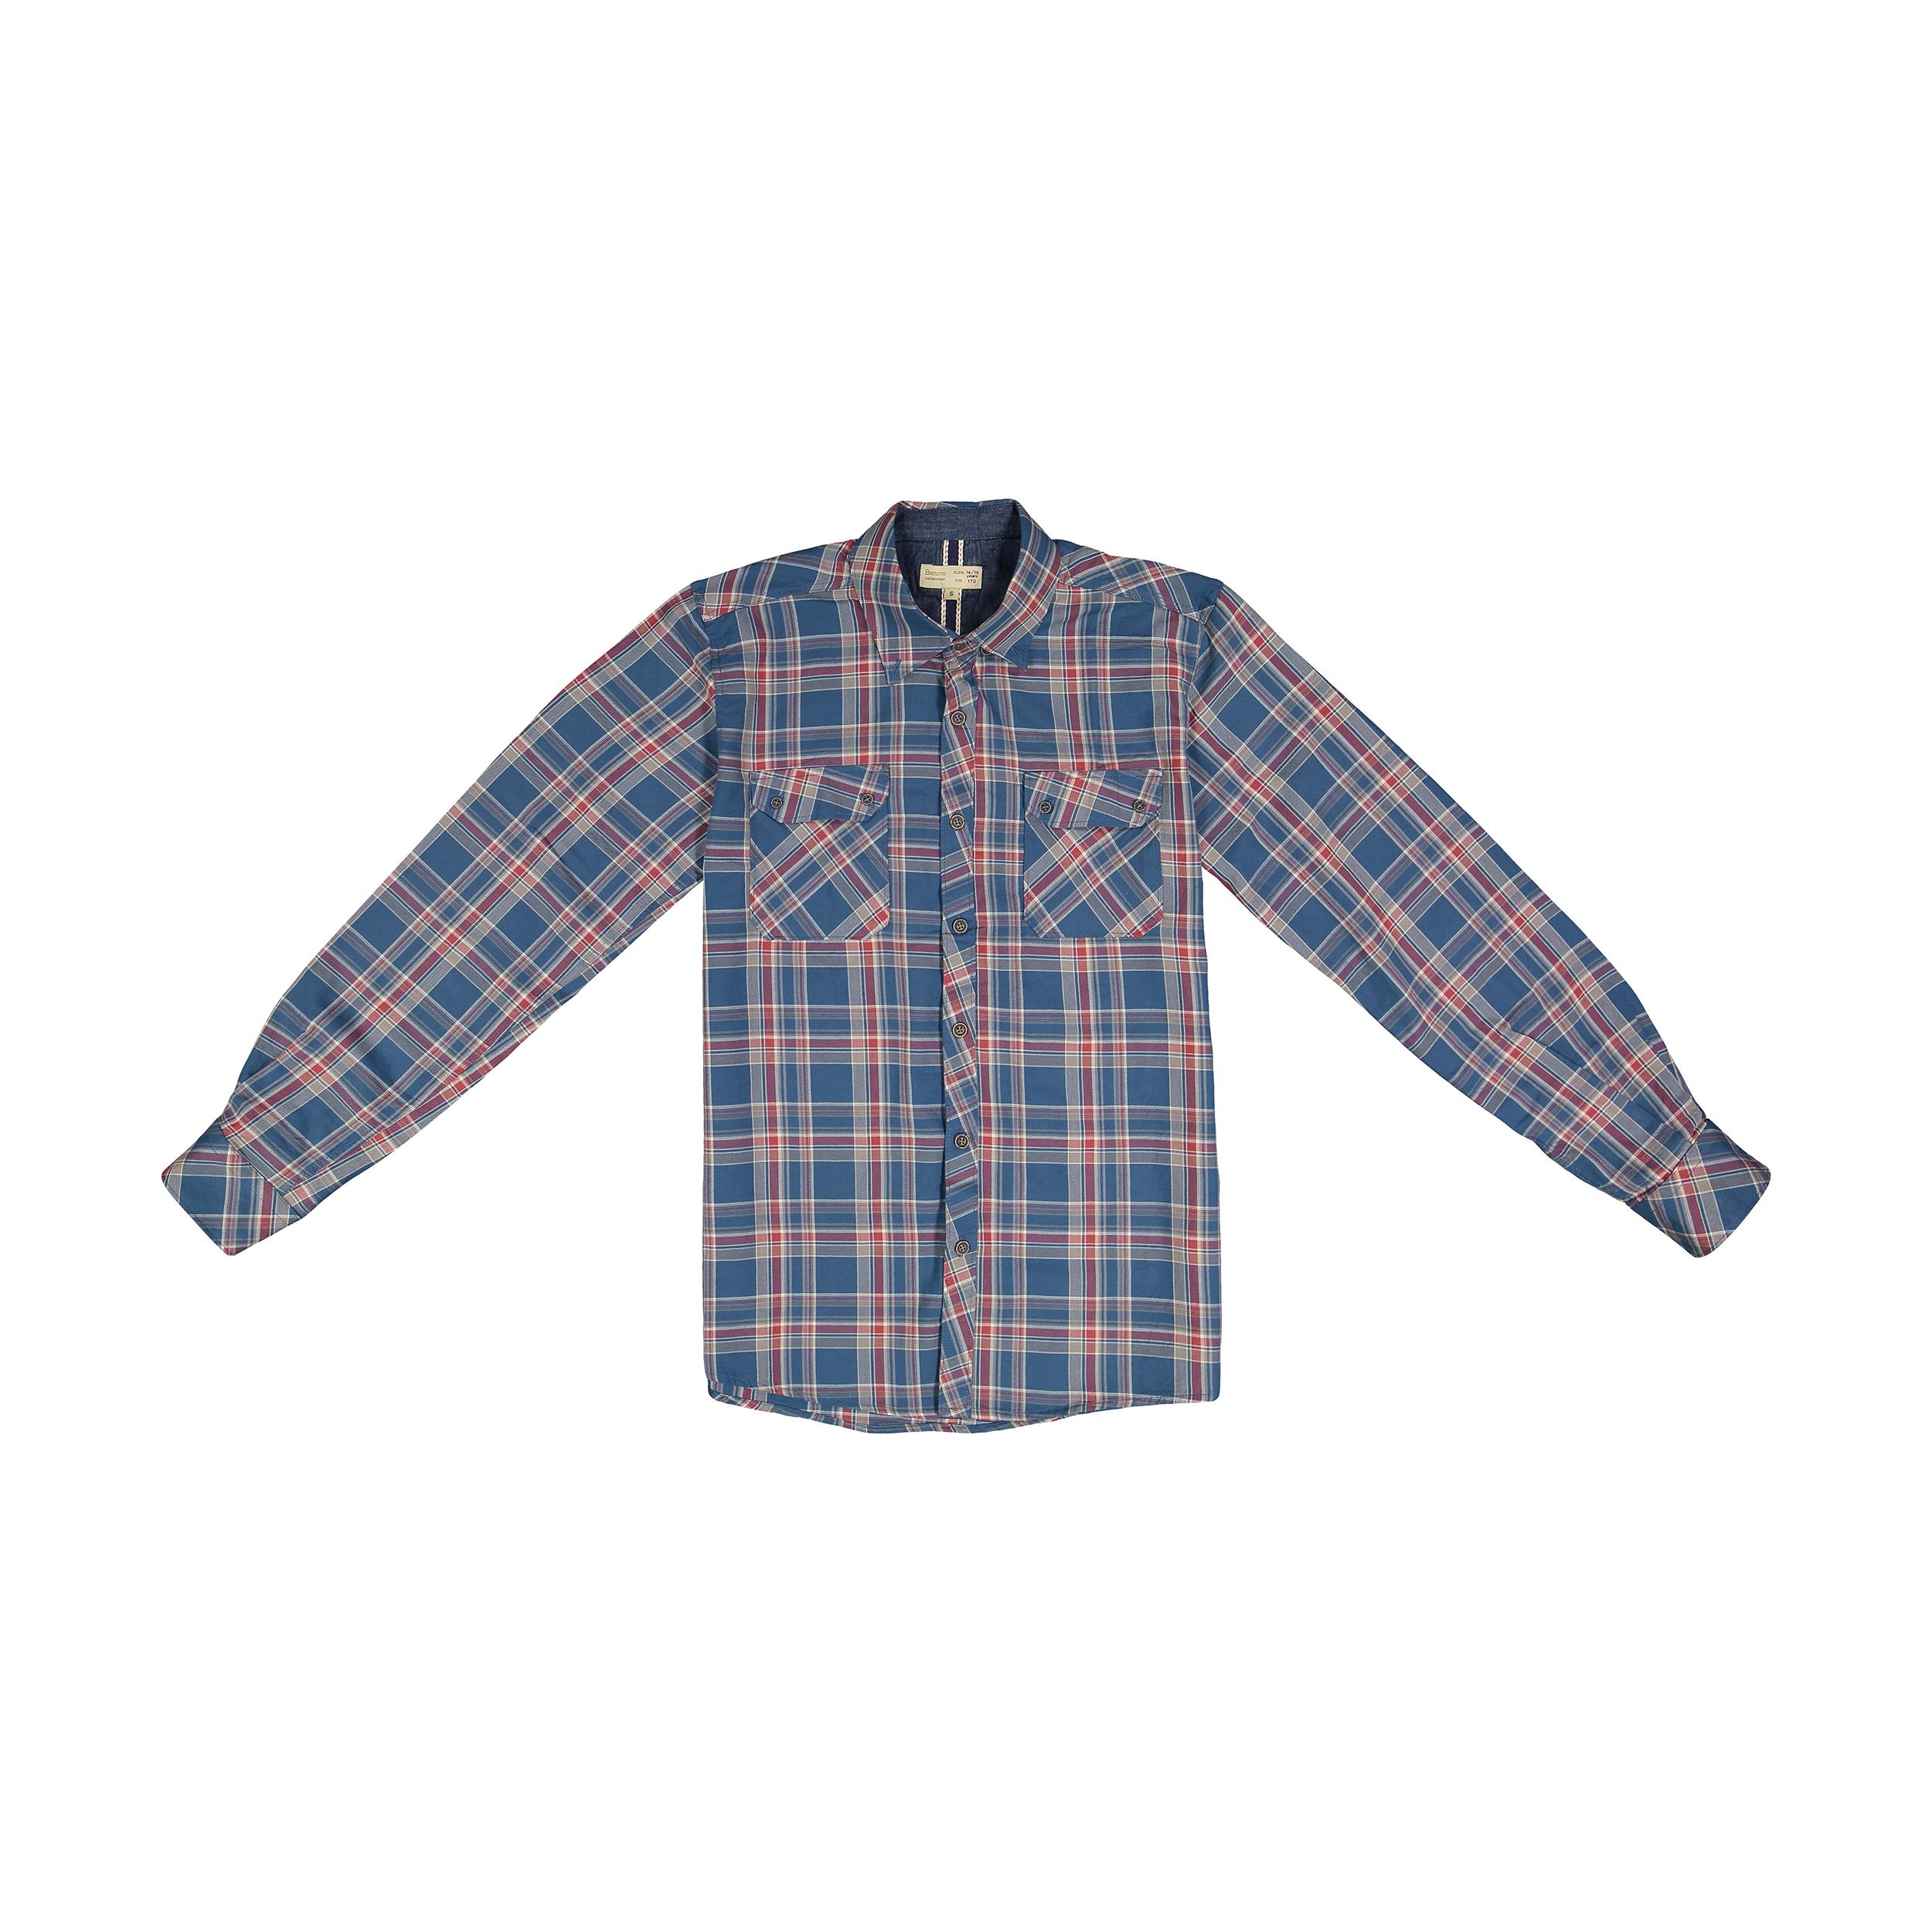 پیراهن پسرانه بانی نو مدل 2191141-62